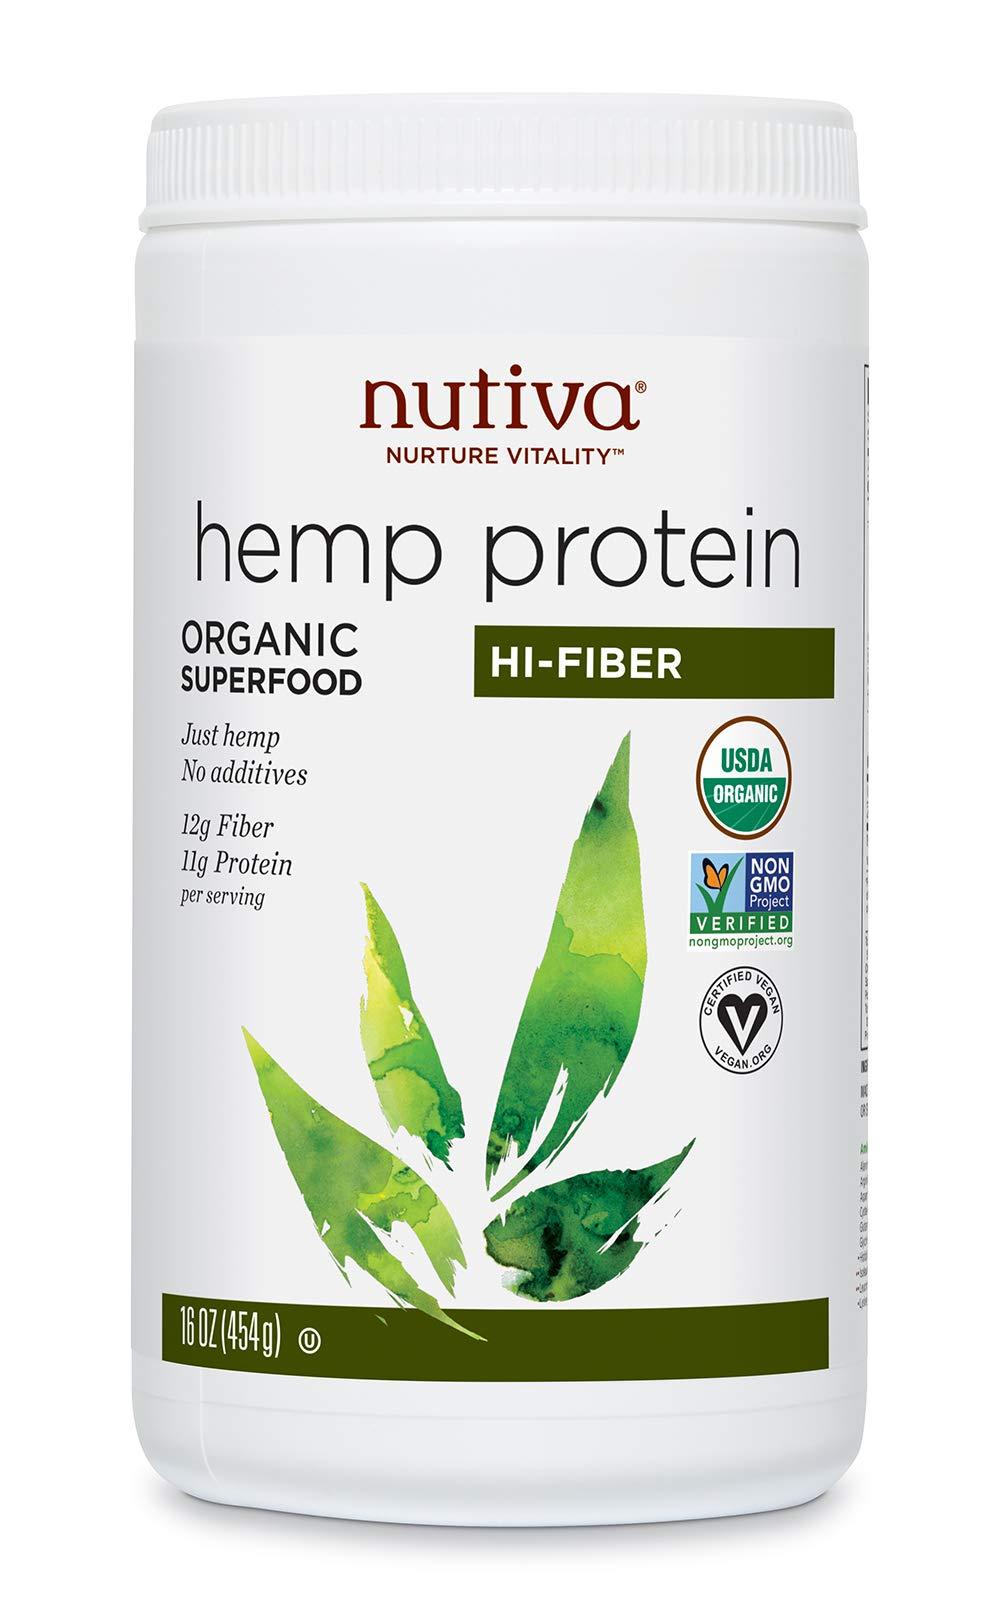 Nutiva Organic Hemp Protein, Hi-Fiber, 16 Ounce